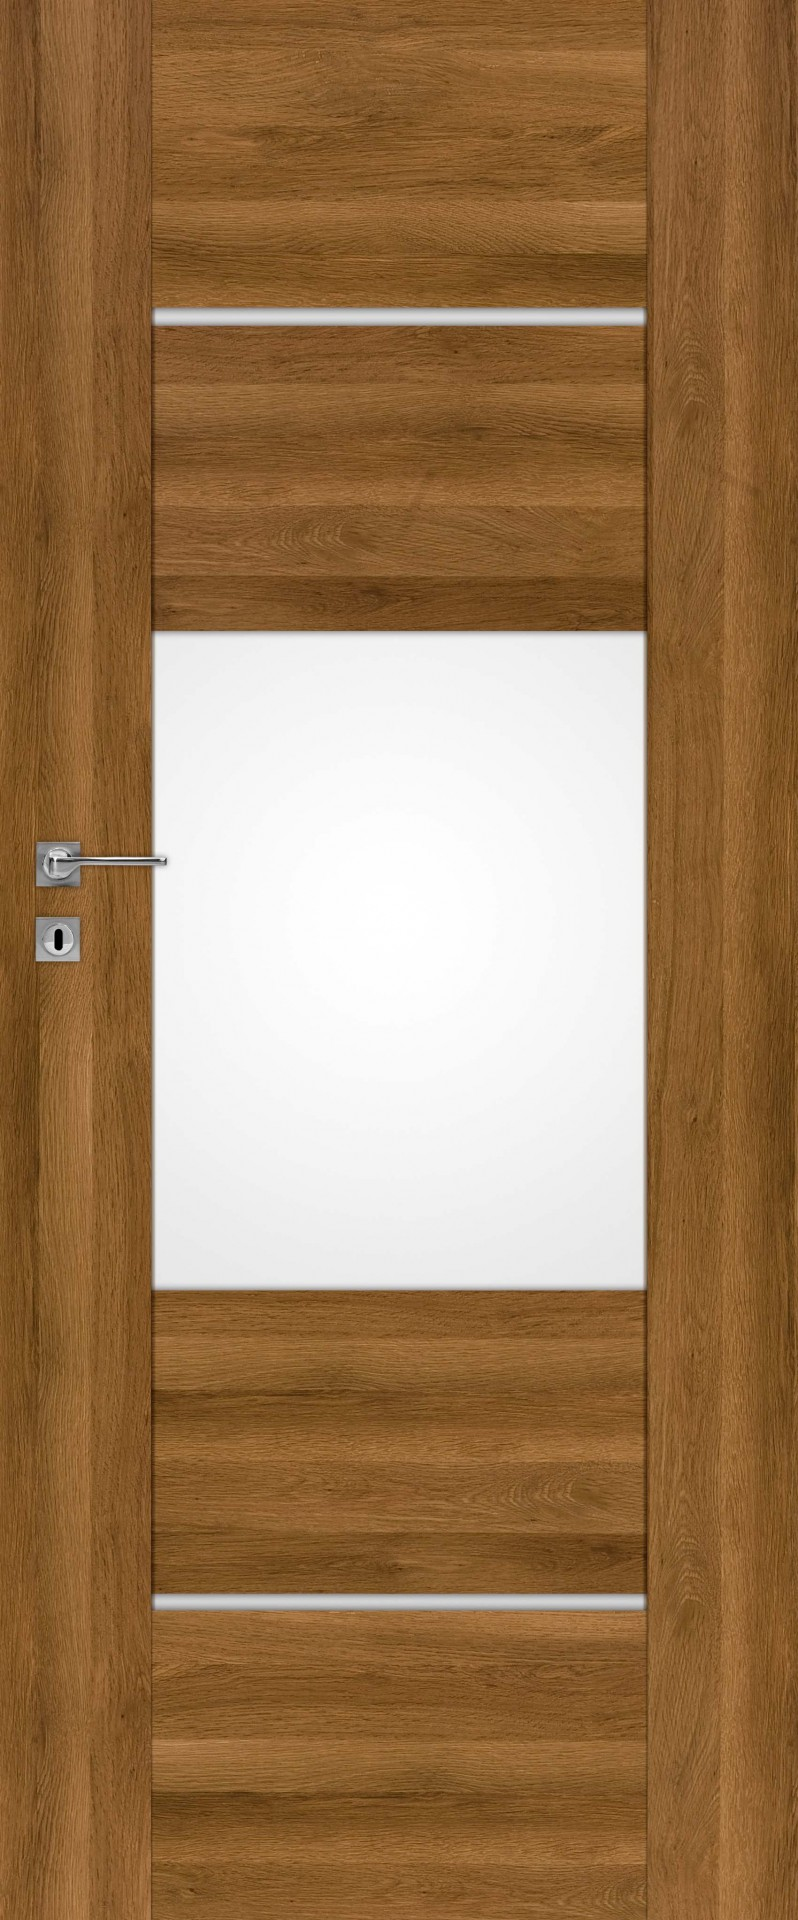 Dre dveře AURI 5, Šíře v cm 80